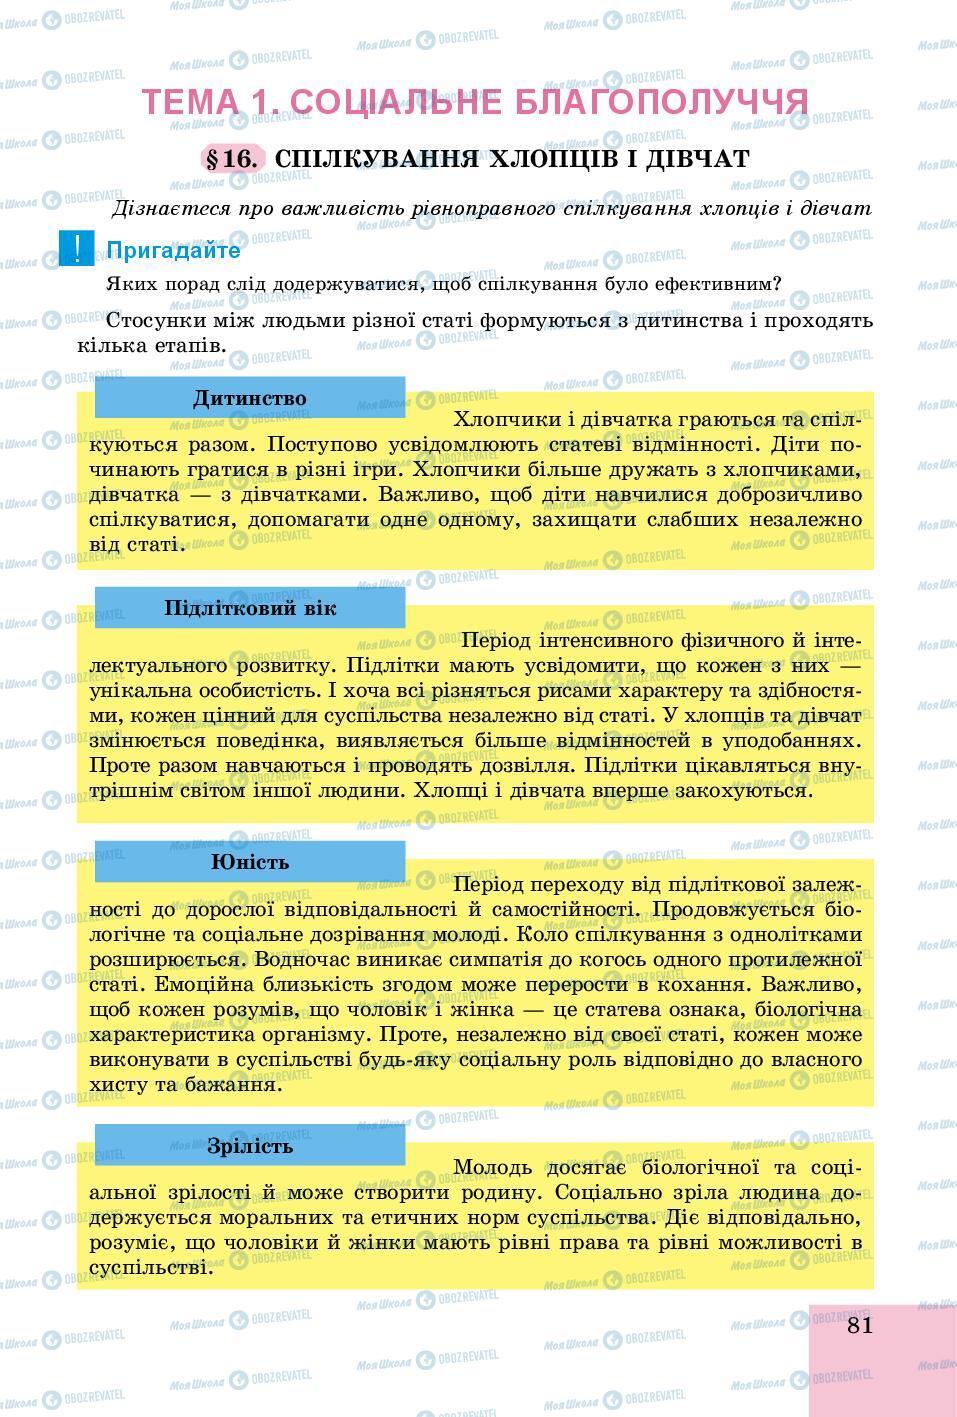 Підручники Основи здоров'я 8 клас сторінка  81